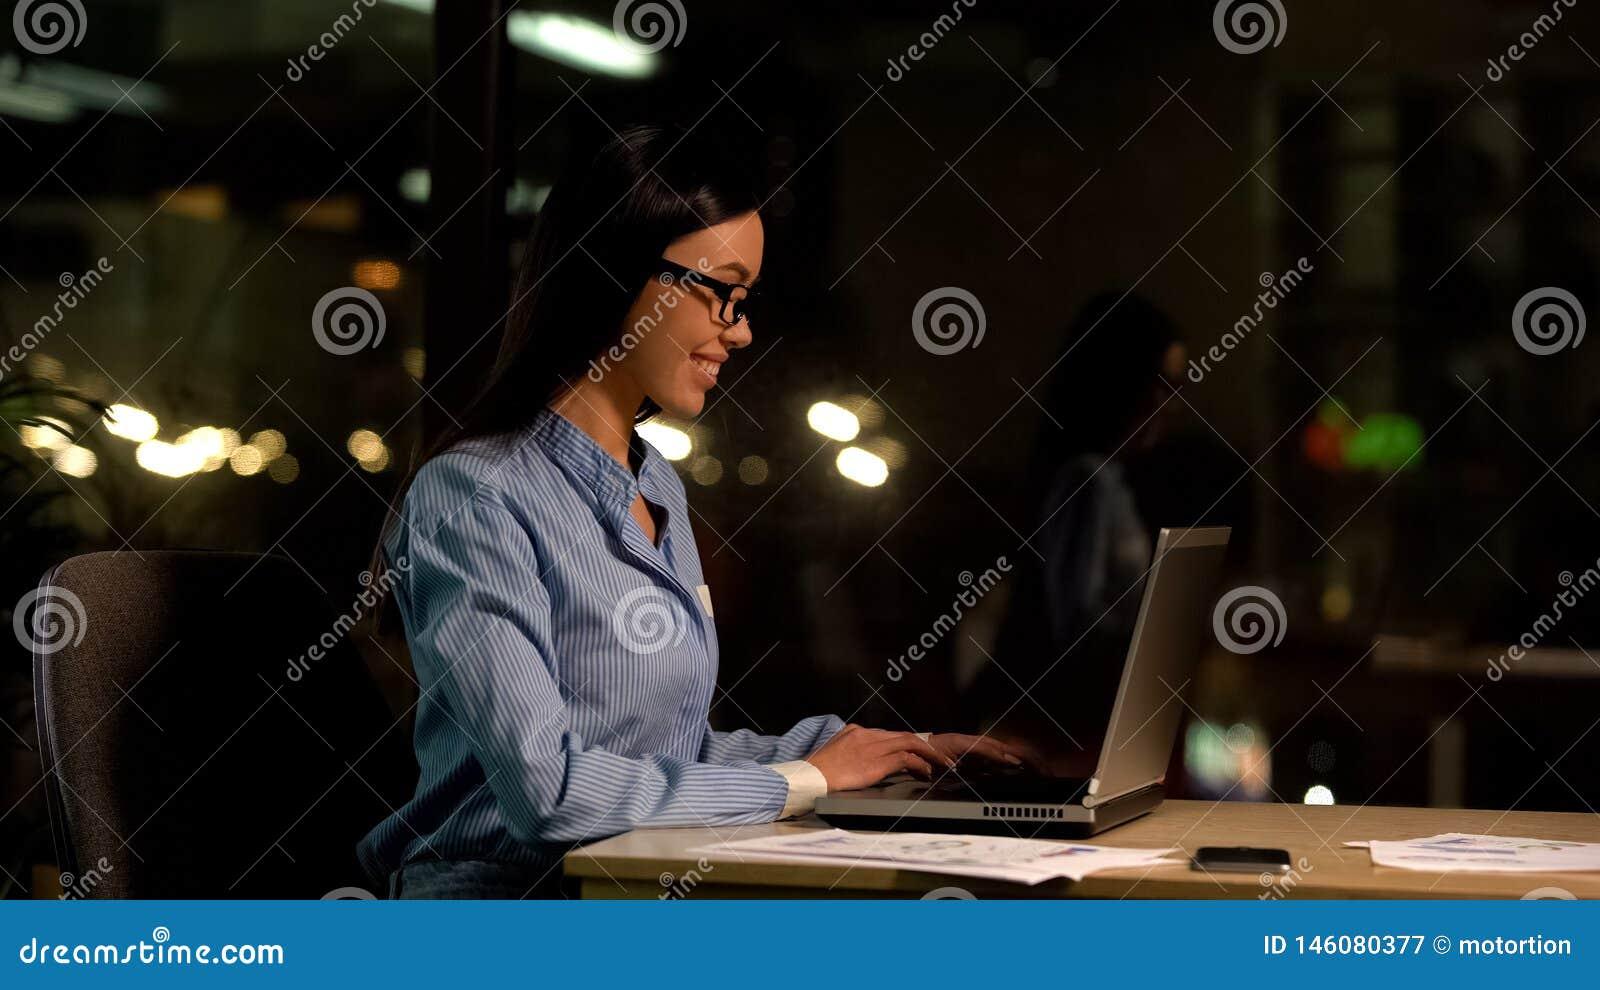 Arbetande b?rbar dator f?r lycklig freelancer p? natten, b?jligt schema, produktiv anst?lld